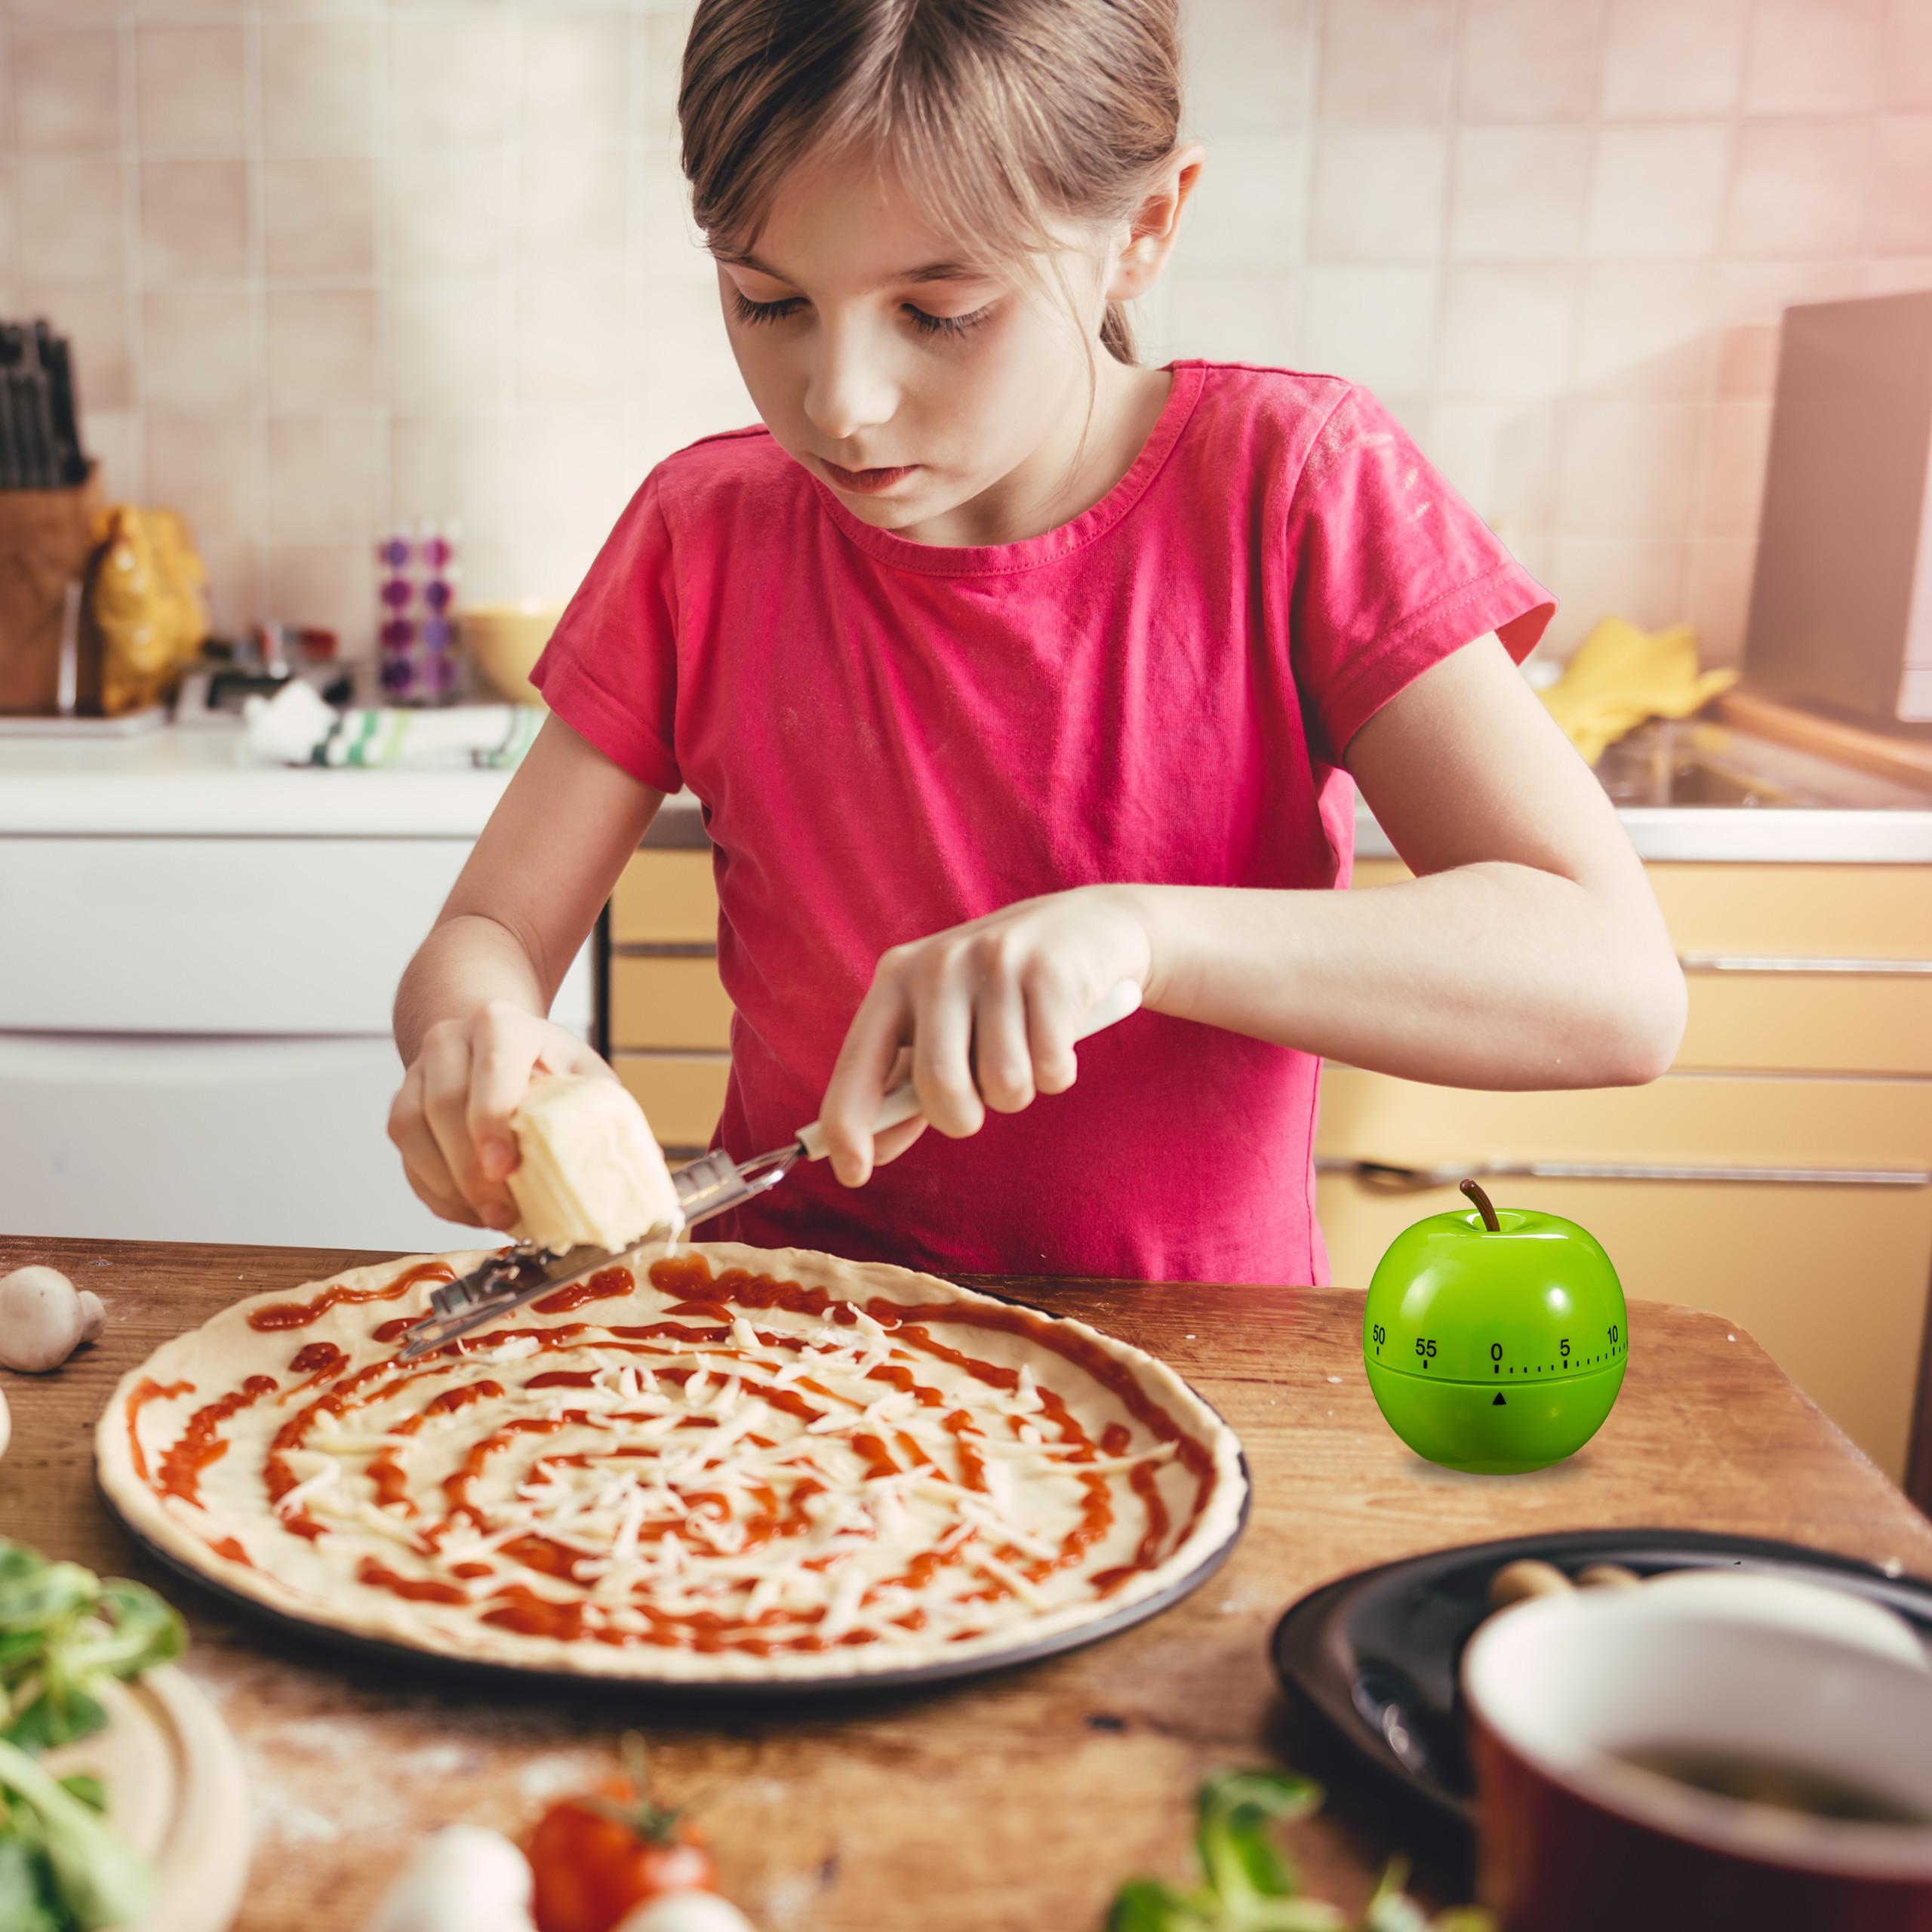 kookwekker-grappig-eierwekker-appel-kook-wekker-keuken-wekker-timer miniatuur 5